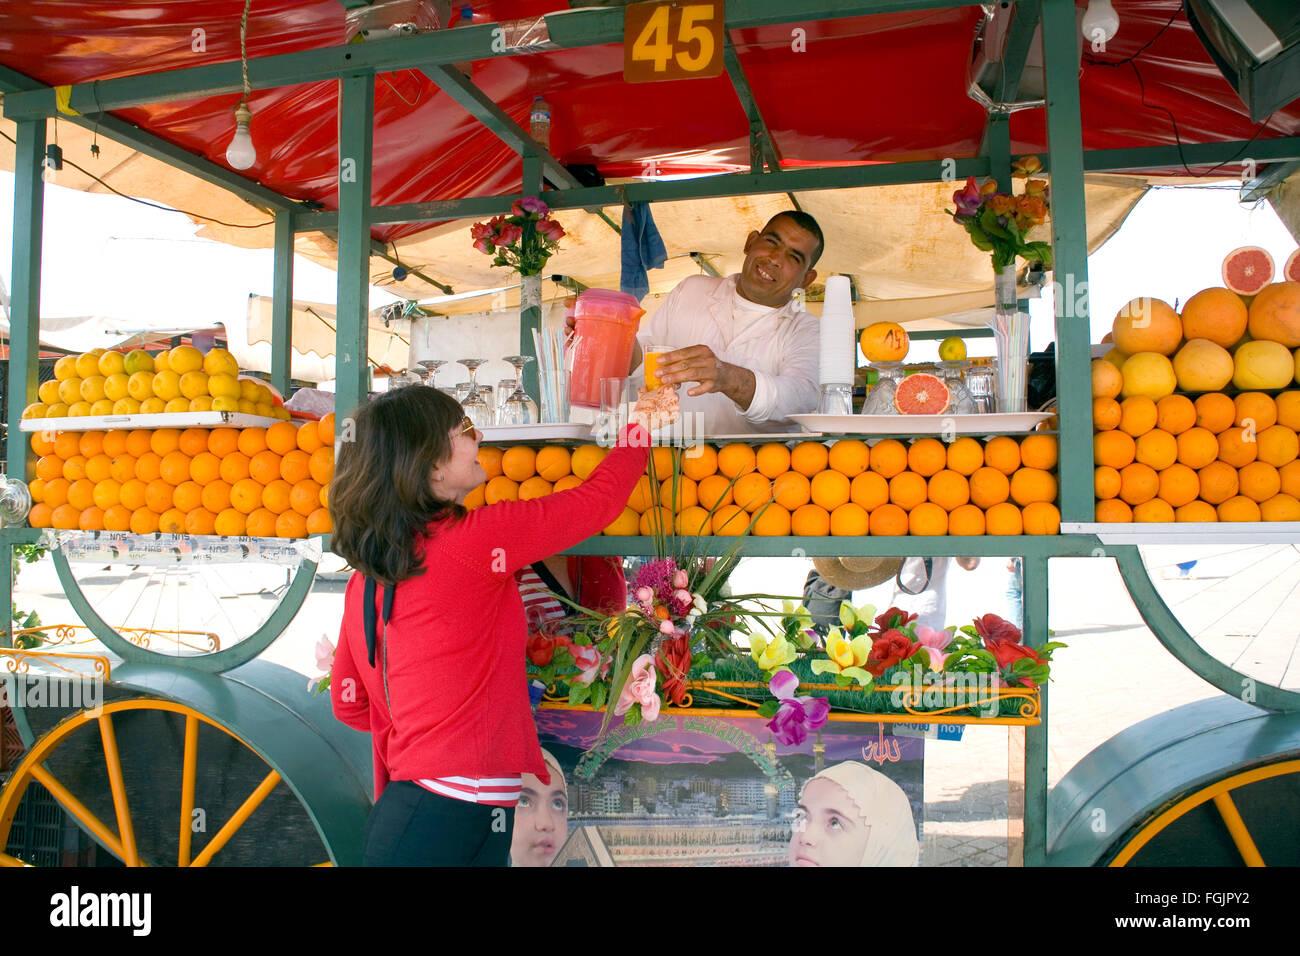 Spremuta fresca di arancia, in Marrakech Marocco. Immagini Stock